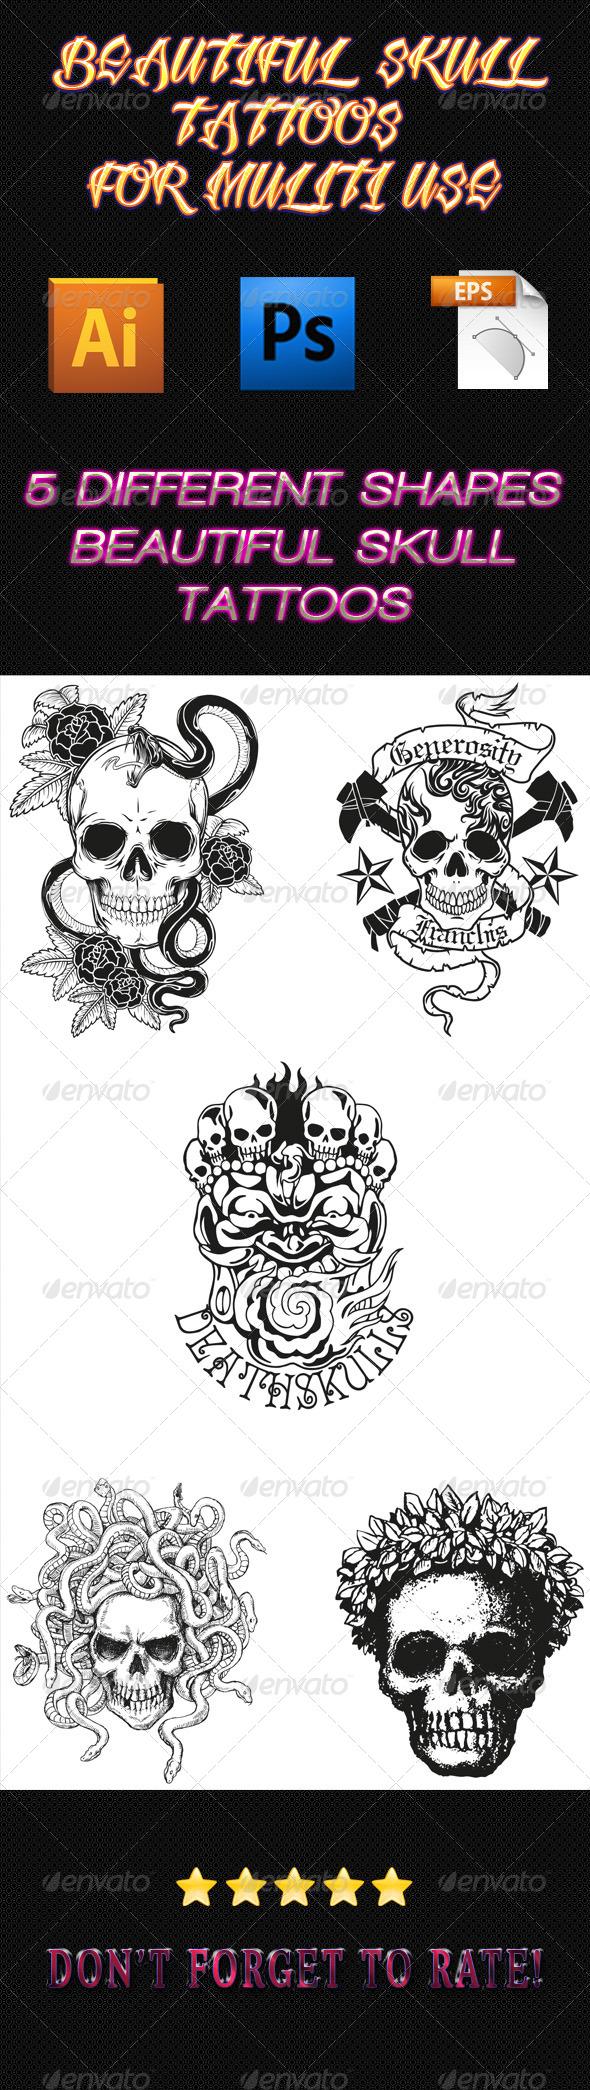 Skull Tattoos 01 - Tattoos Vectors